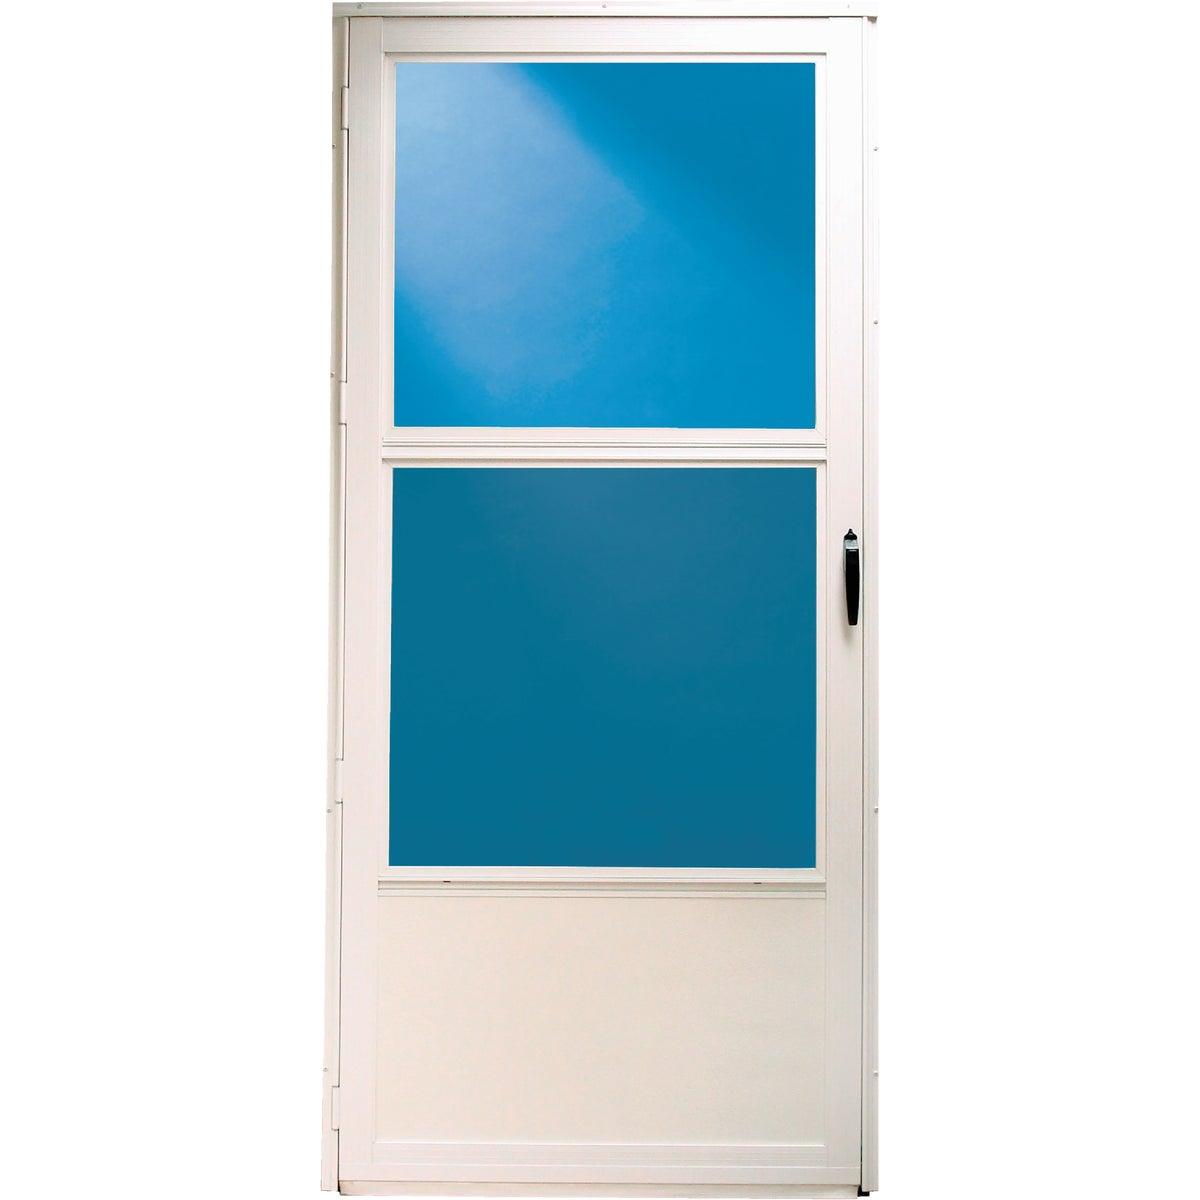 266 3068 LH WHT DOOR